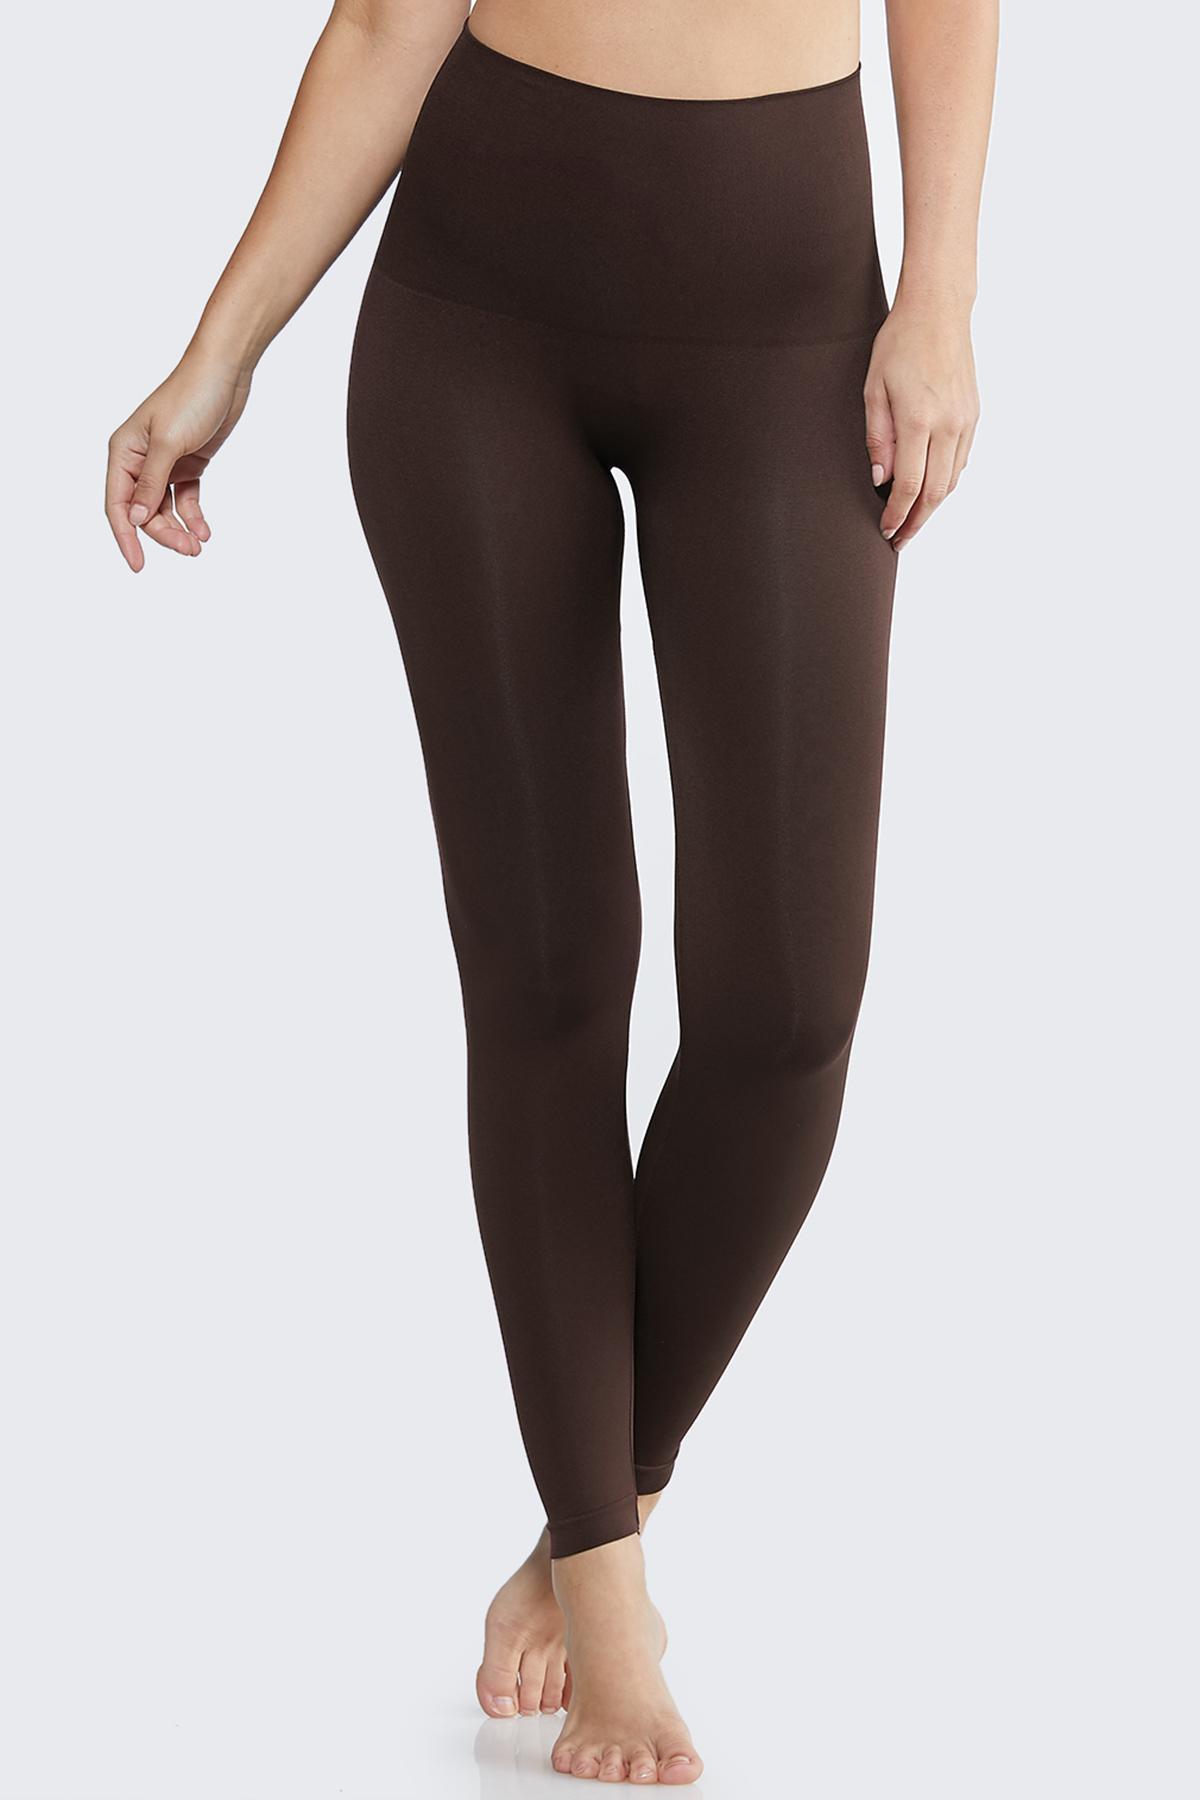 The Perfect Brown Leggings